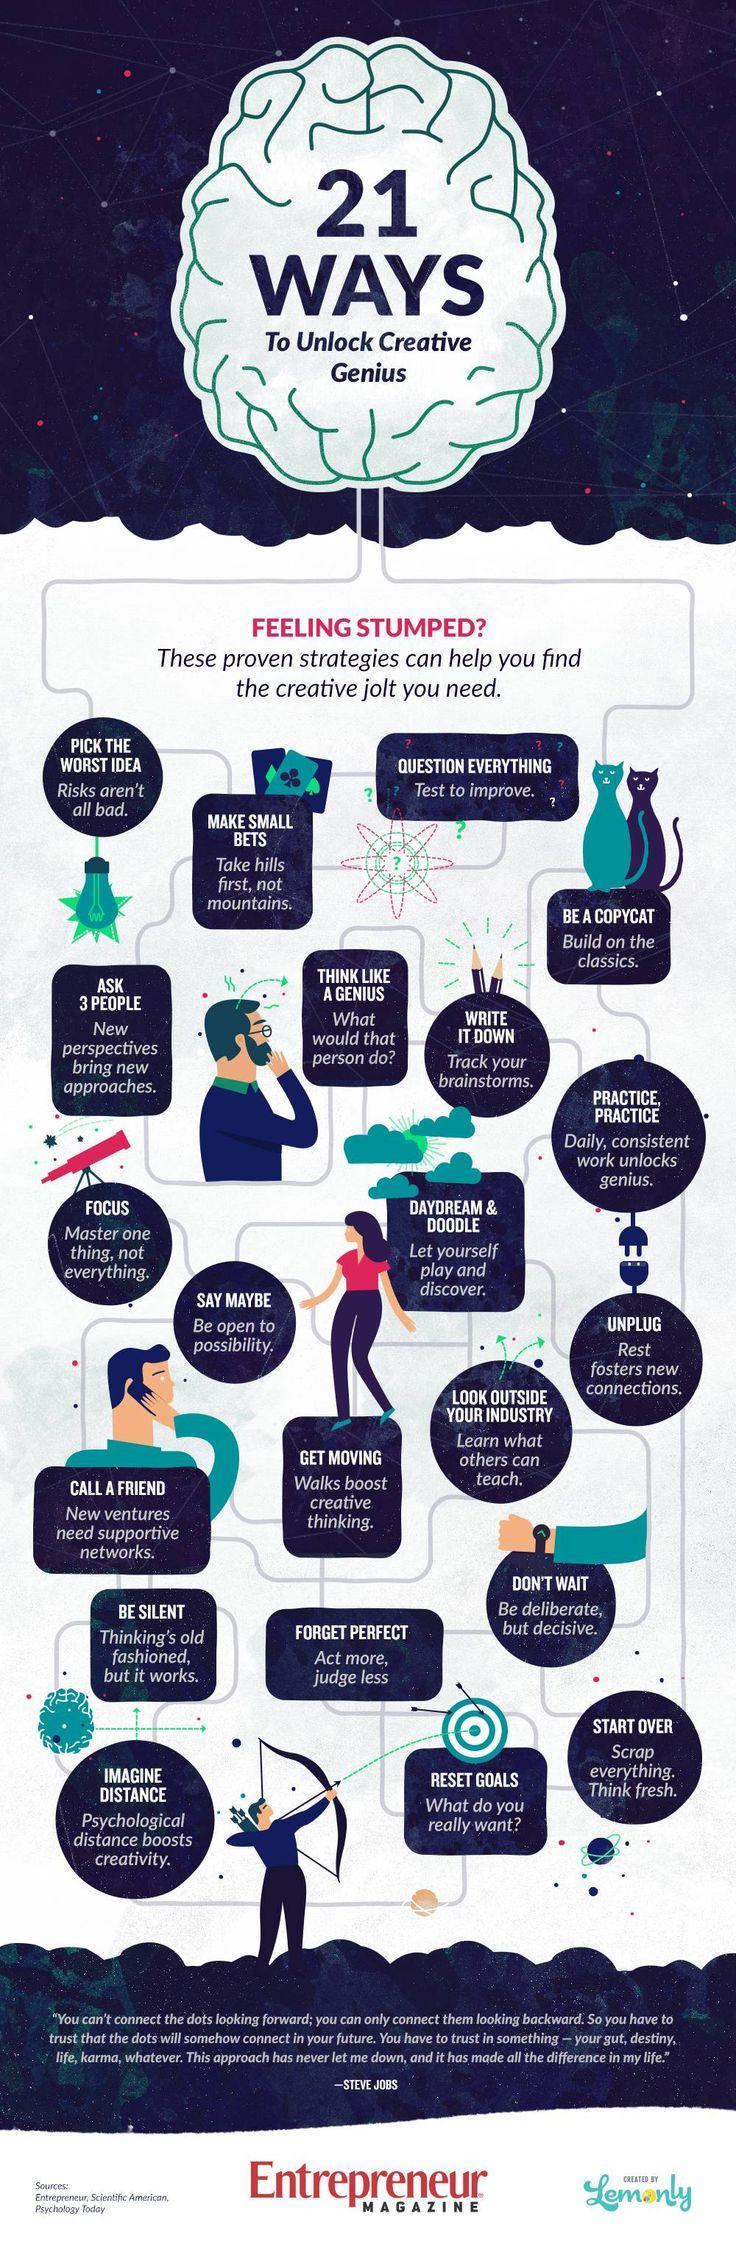 21 Ways to unlock creative genius - Infographic Planet